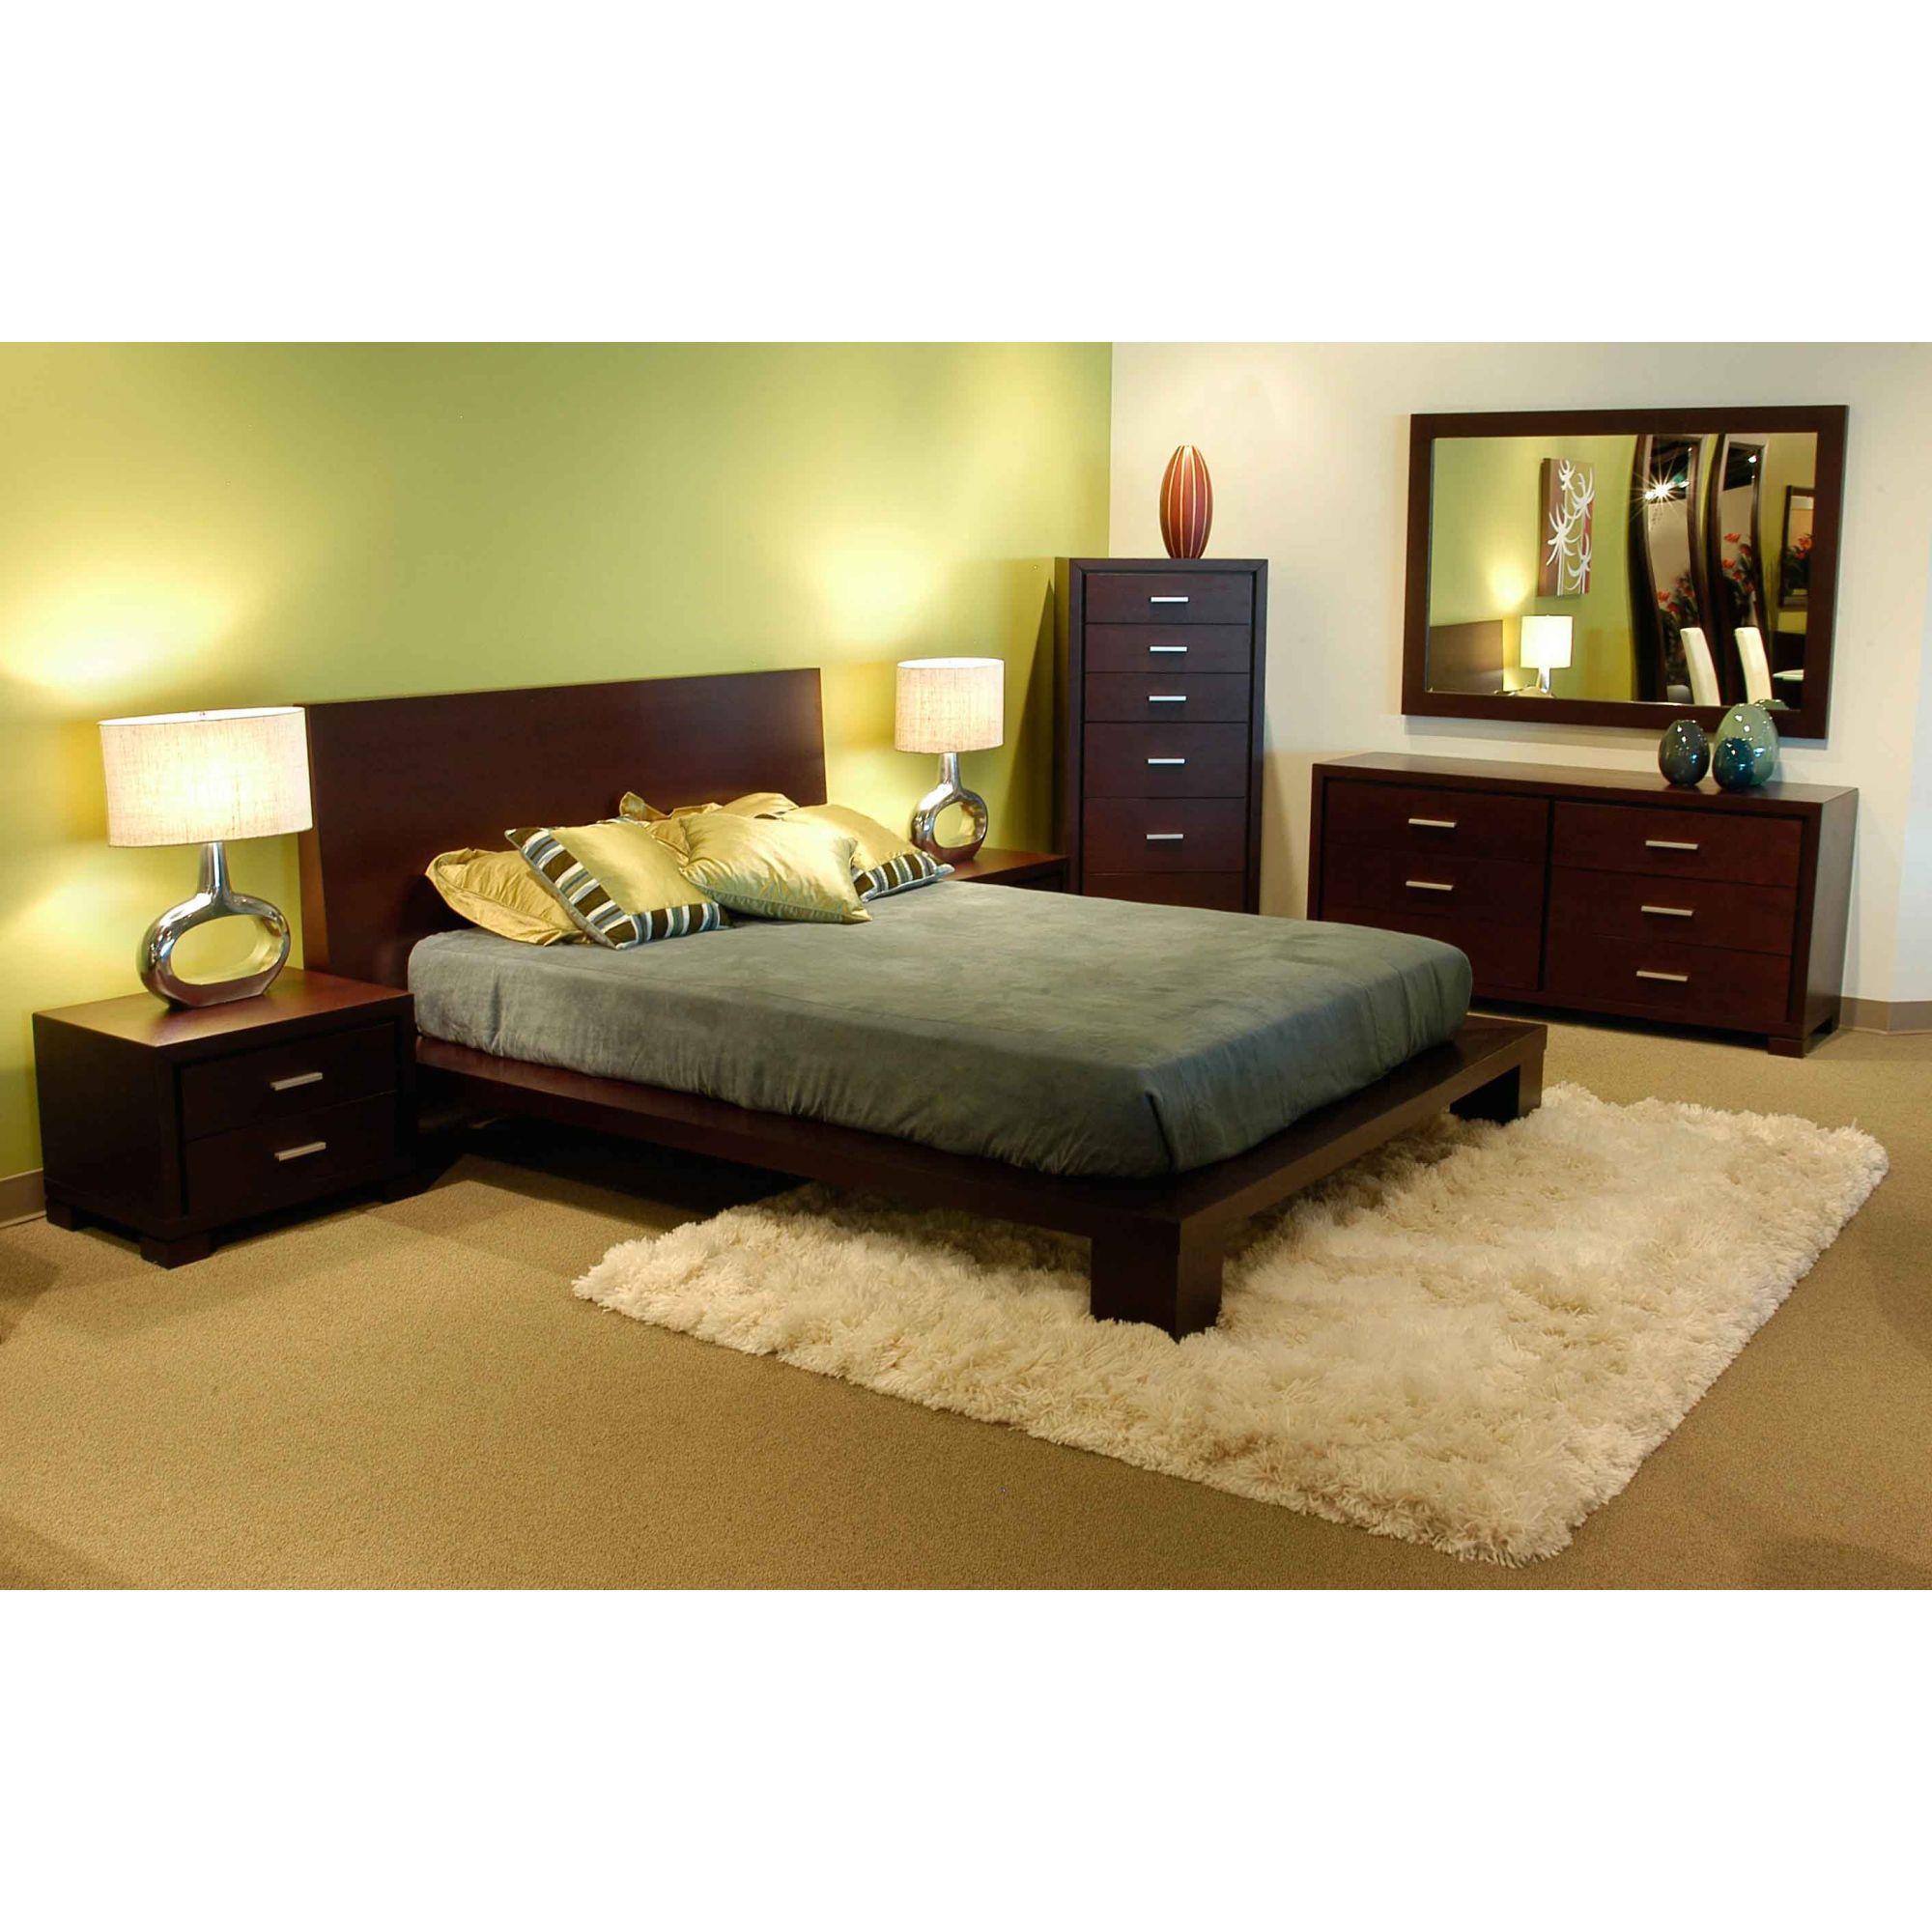 star international xena bedroom set in dark walnut ...